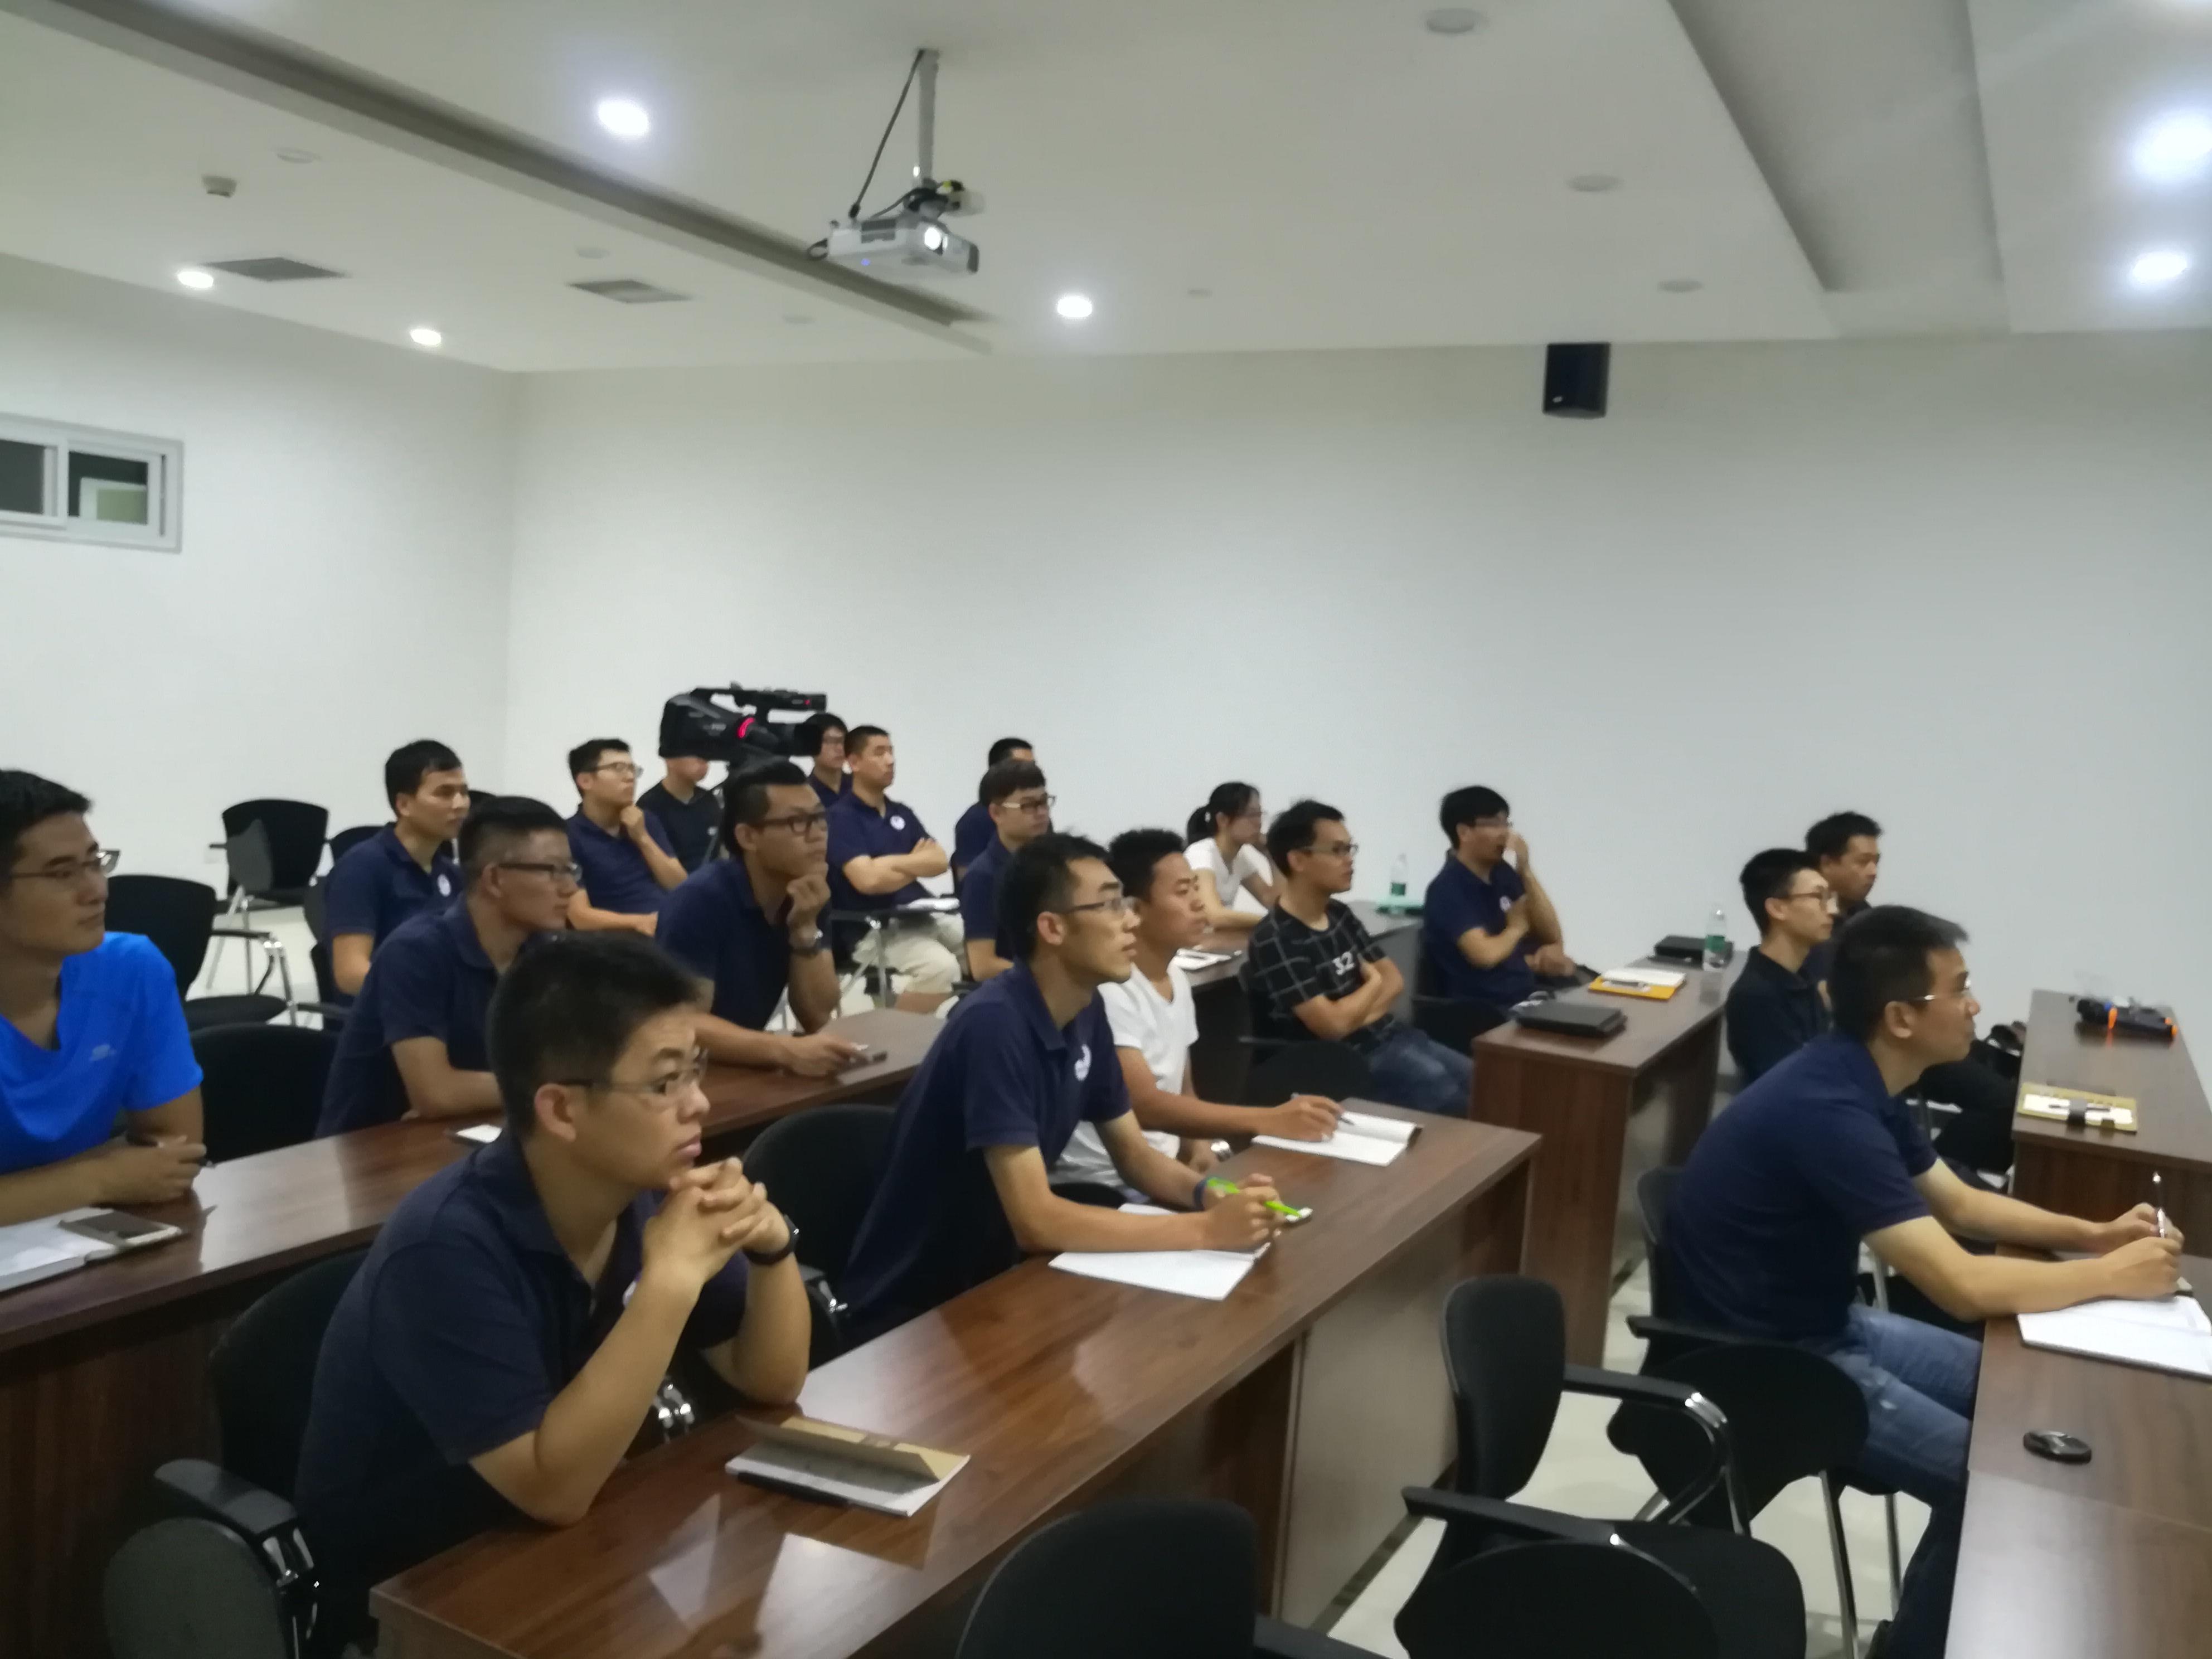 清智学堂第二期技术专题讲座首次课程开讲